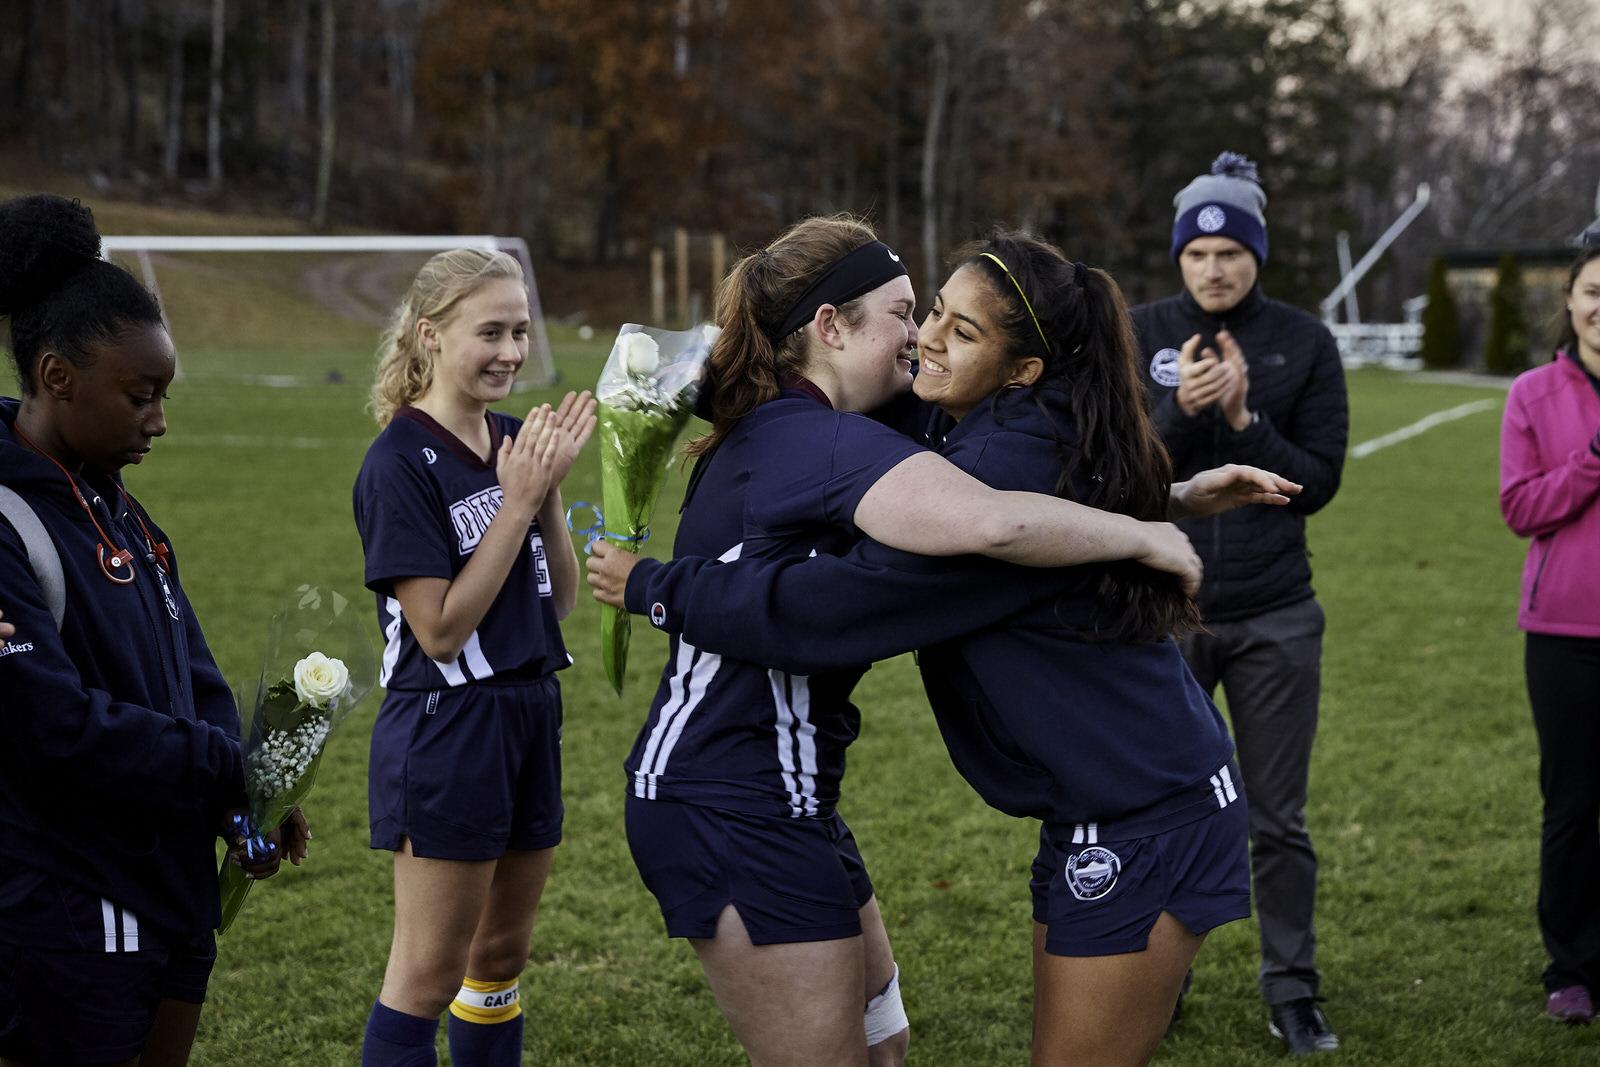 Girls Varsity Soccer vs. White Mountain School - November 7, 2018 - Nov 07 2018 - 0067.jpg